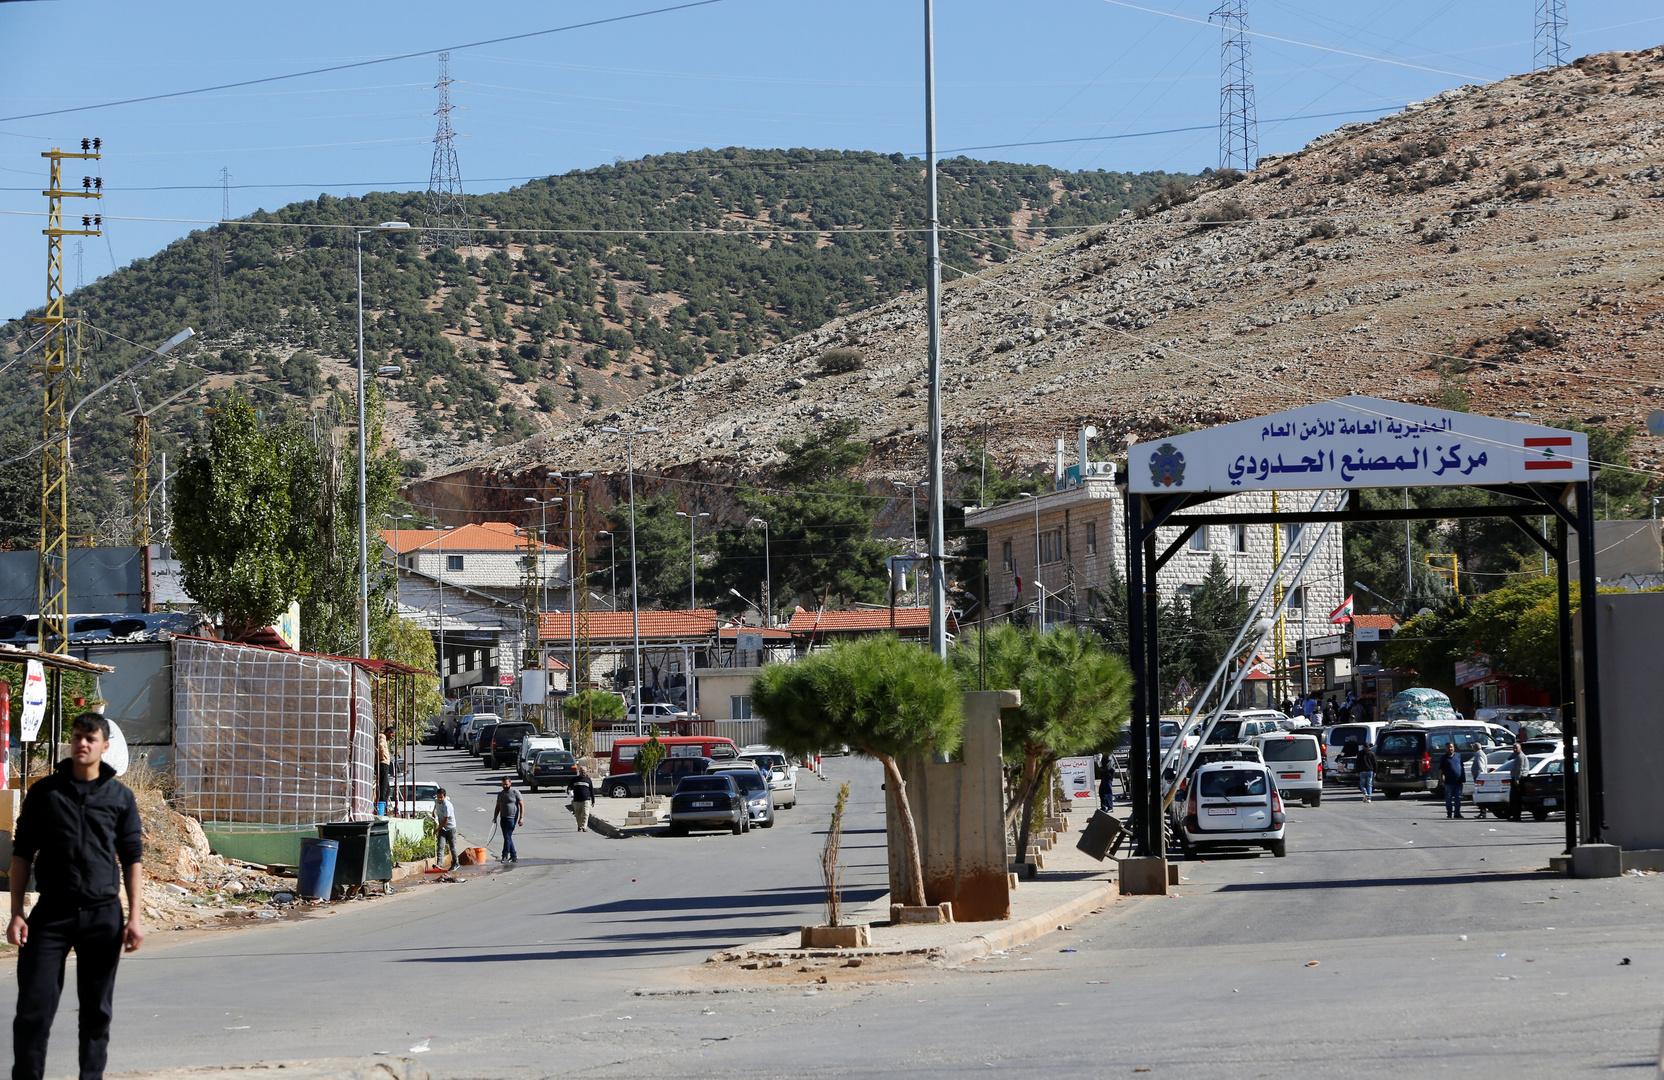 إعلام لبناني: مخابرات الجيش أقفلت 5 معابر غير شرعية مع سوريا